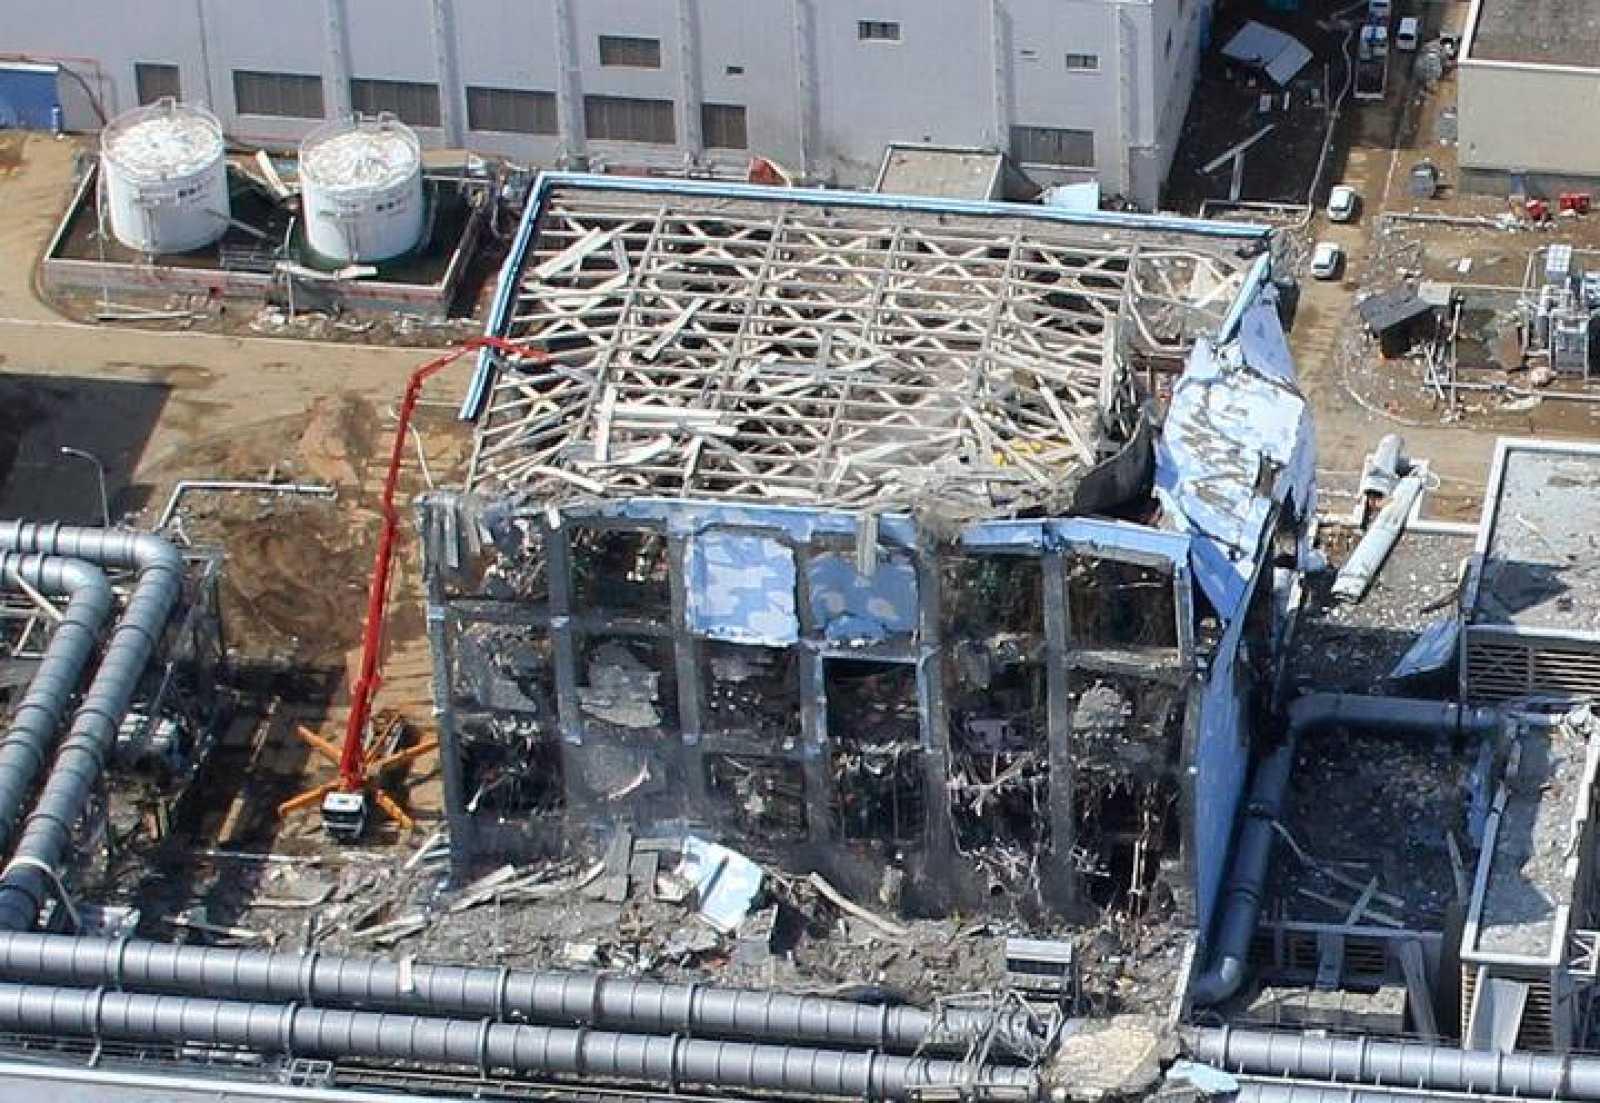 Vista aérea de la central de Fukushima Daiichi, tomada el 24 de marzo